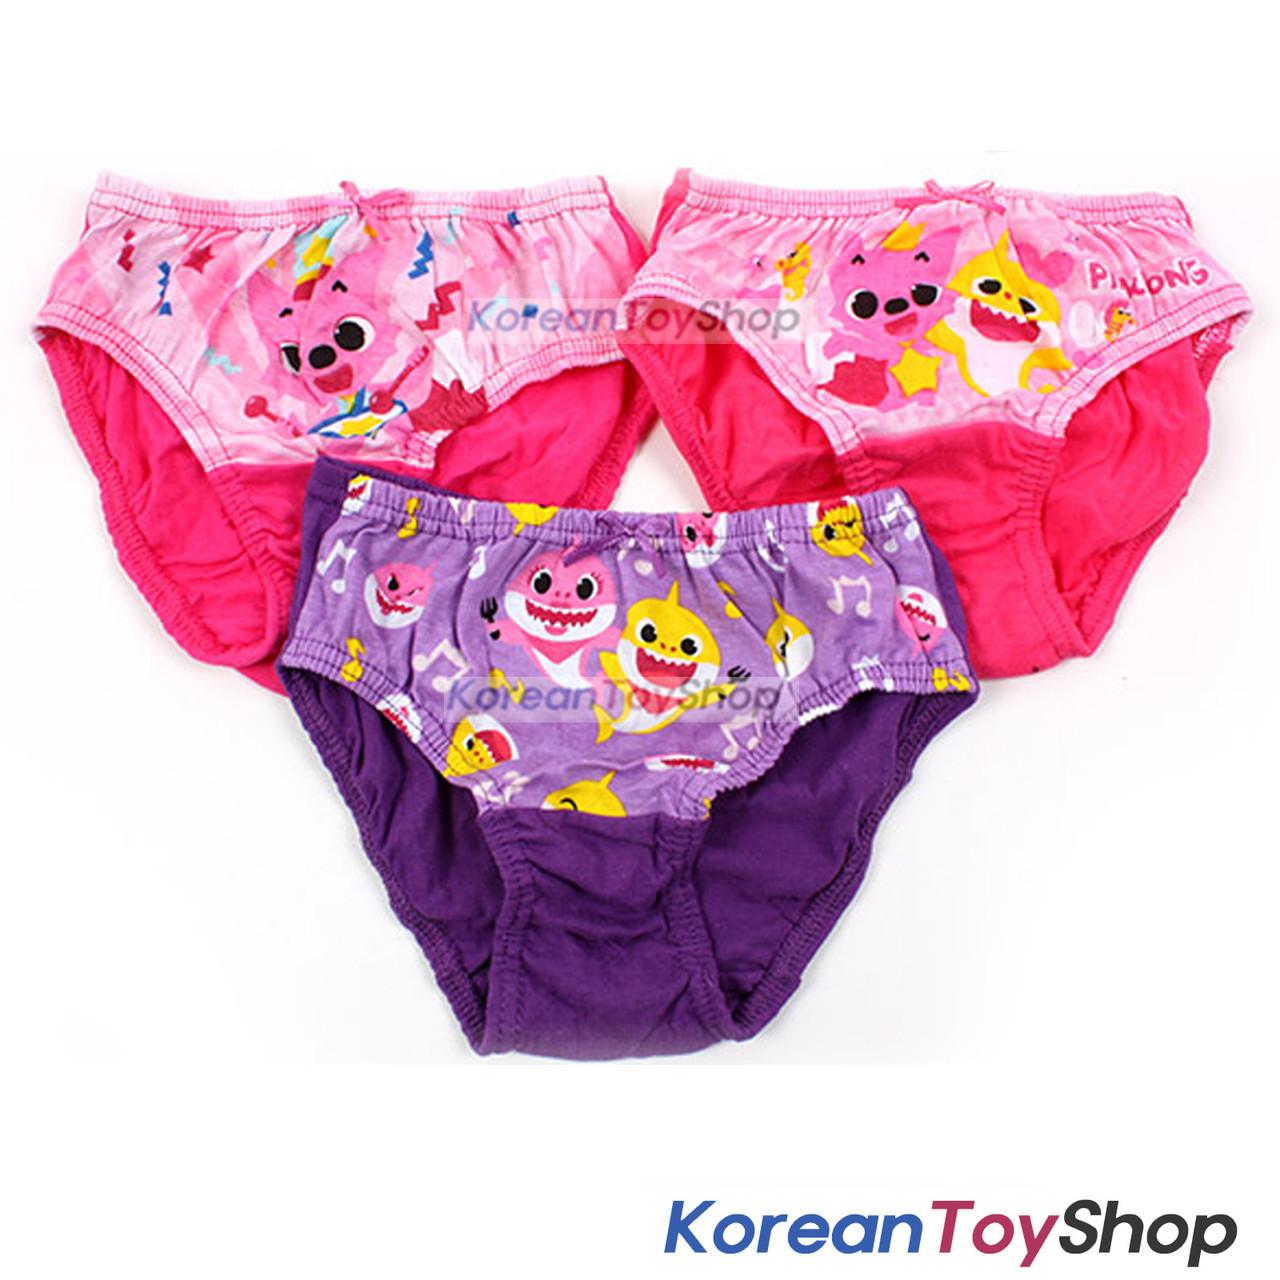 772e3be1008 Pinkfong Toddler Girl 3-Pack Briefs Panties Underwear 2T 100% Cotton  Original ...